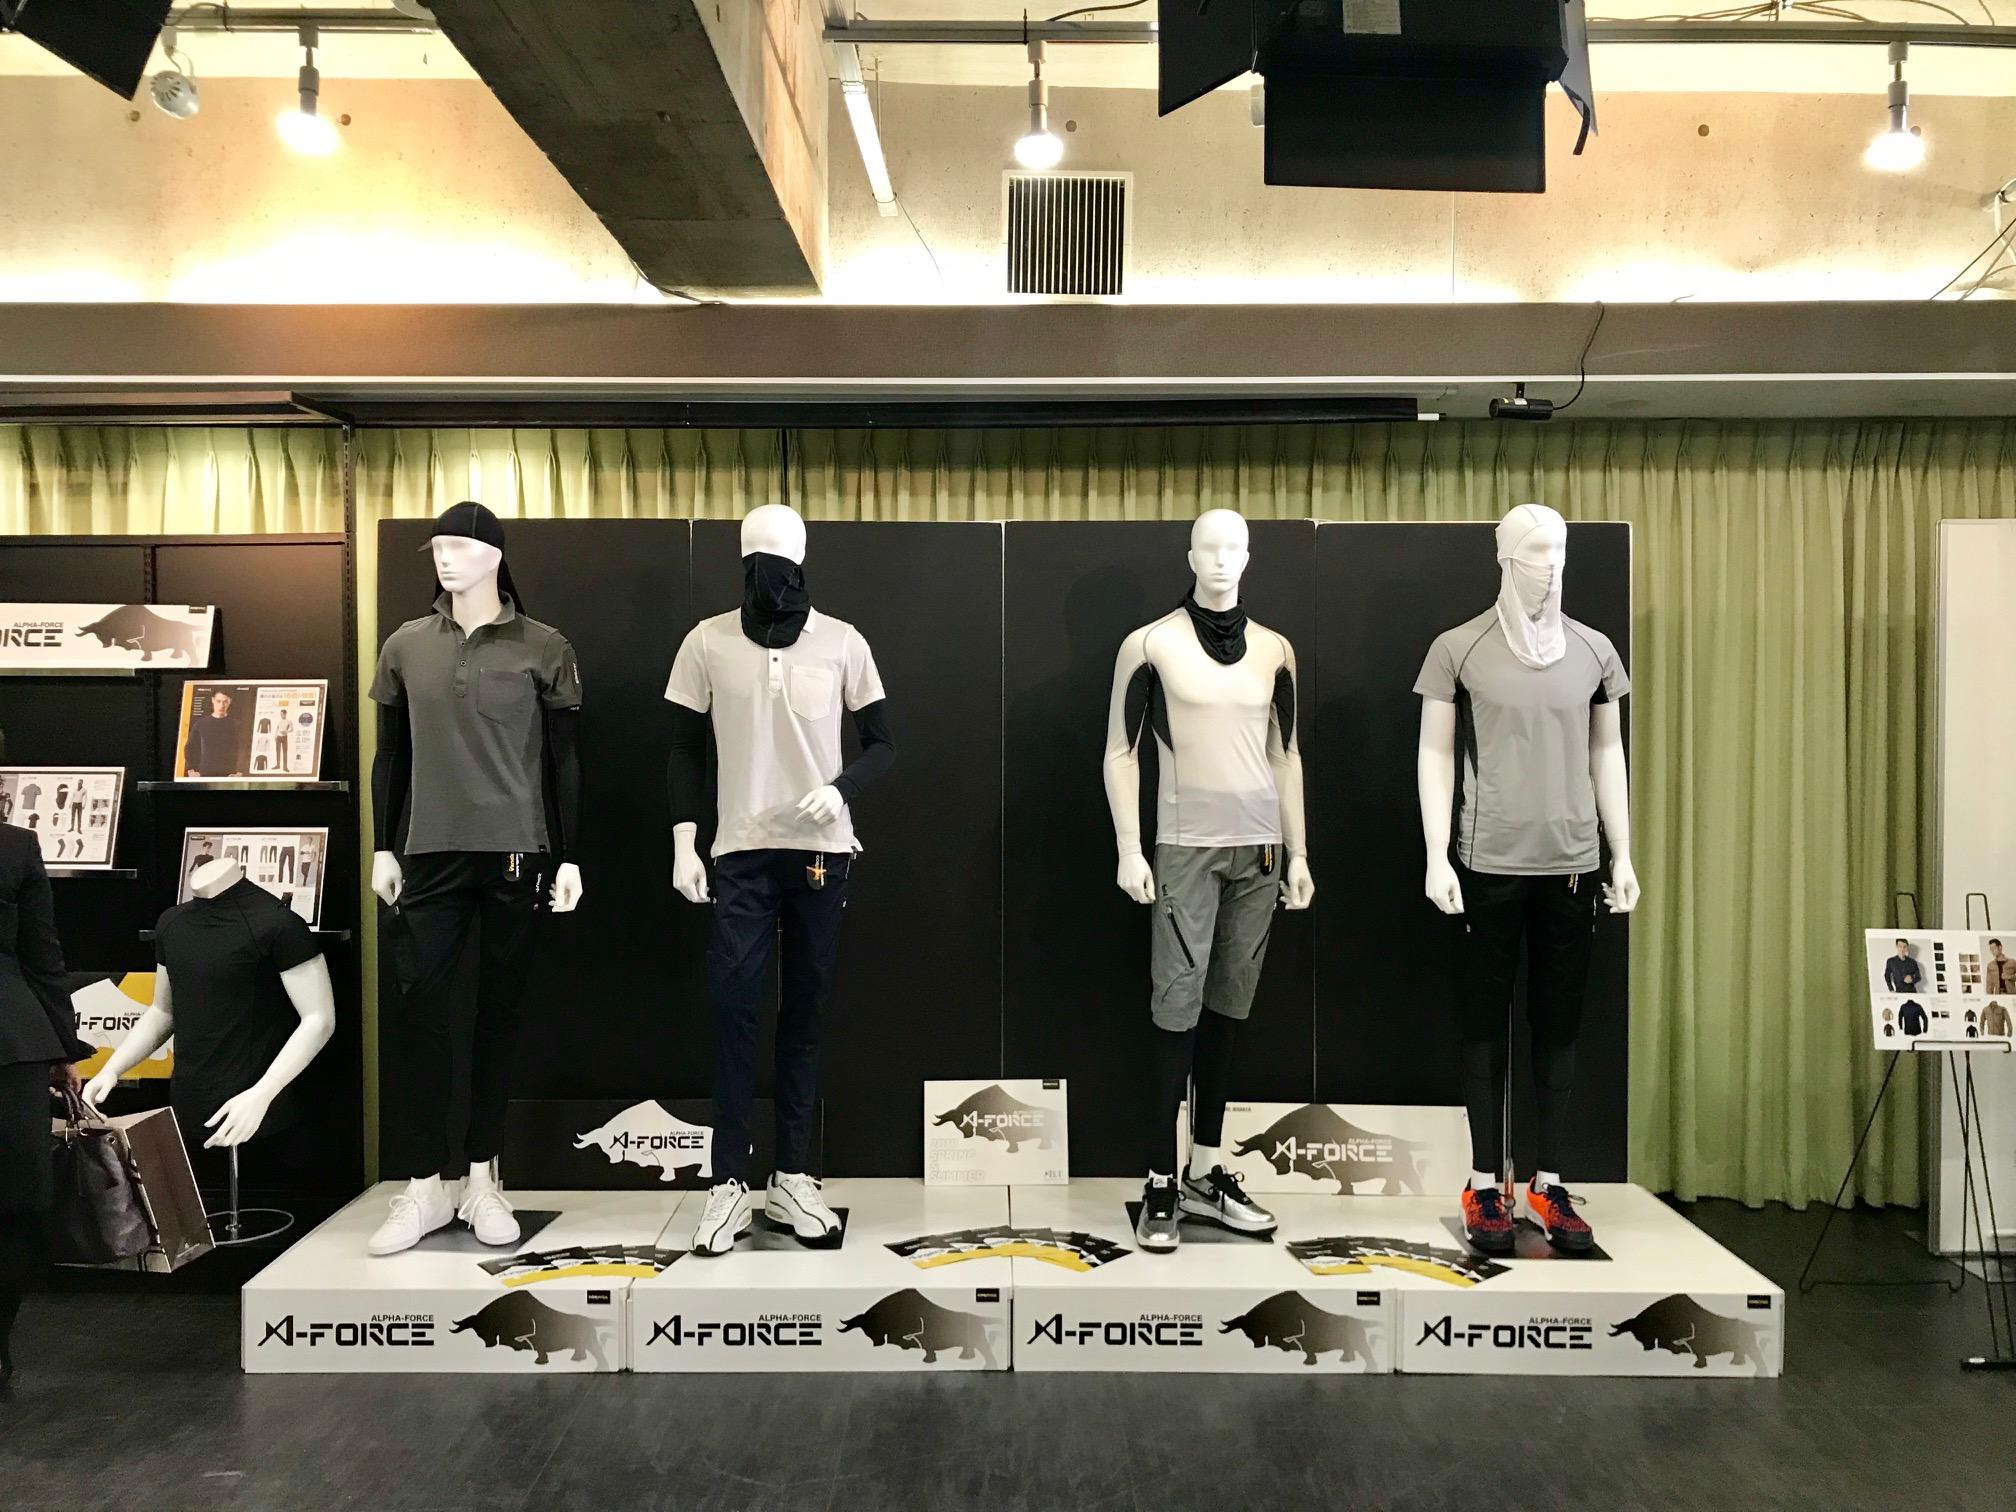 秋葉原の展示会会場 ハンドレッドスクエア倶楽部